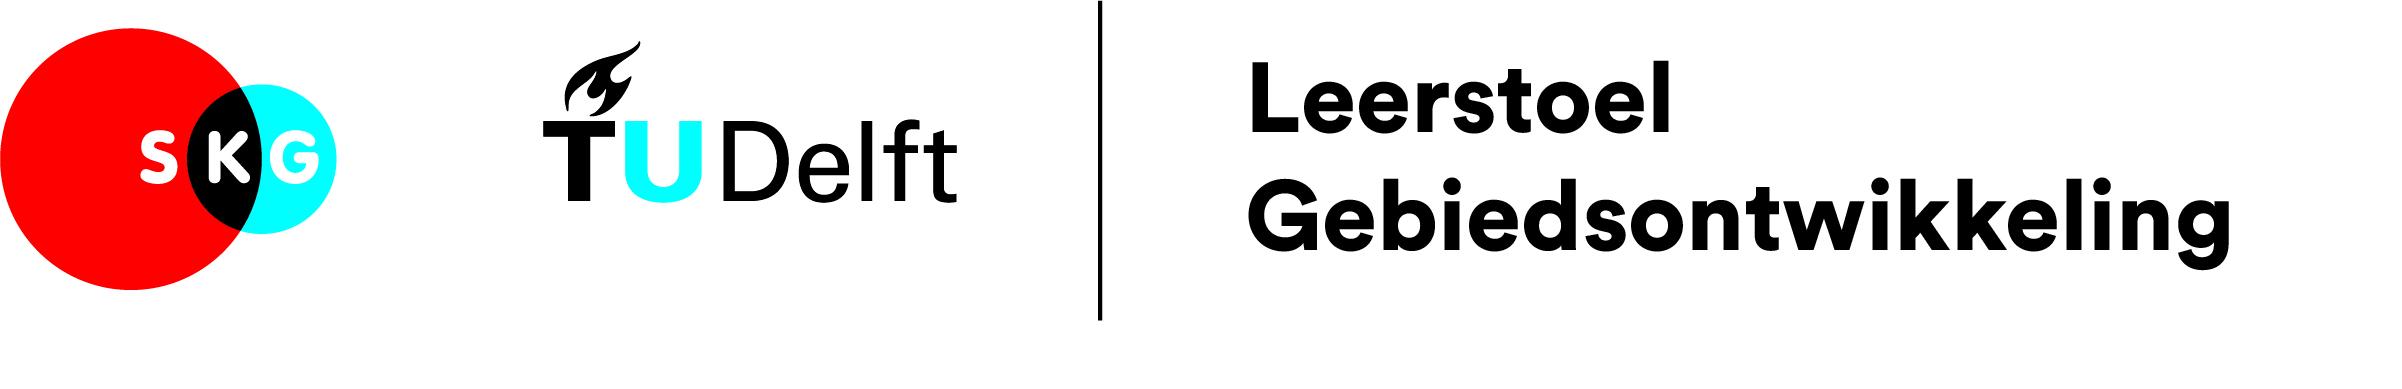 Leerstoel Gebiedsontwikkeling - TU Delft